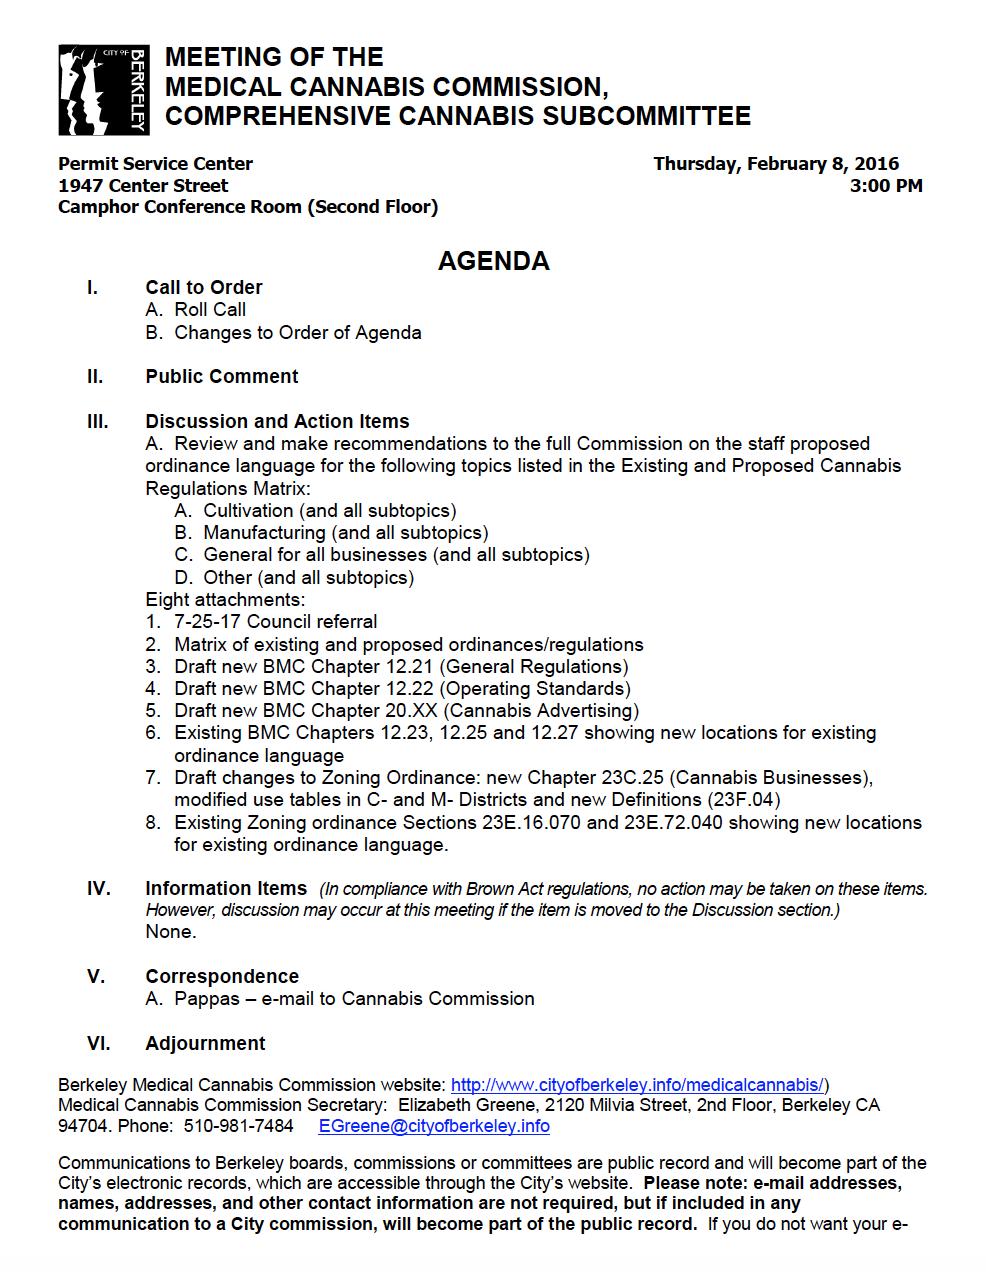 2018-02-08 Agenda.png